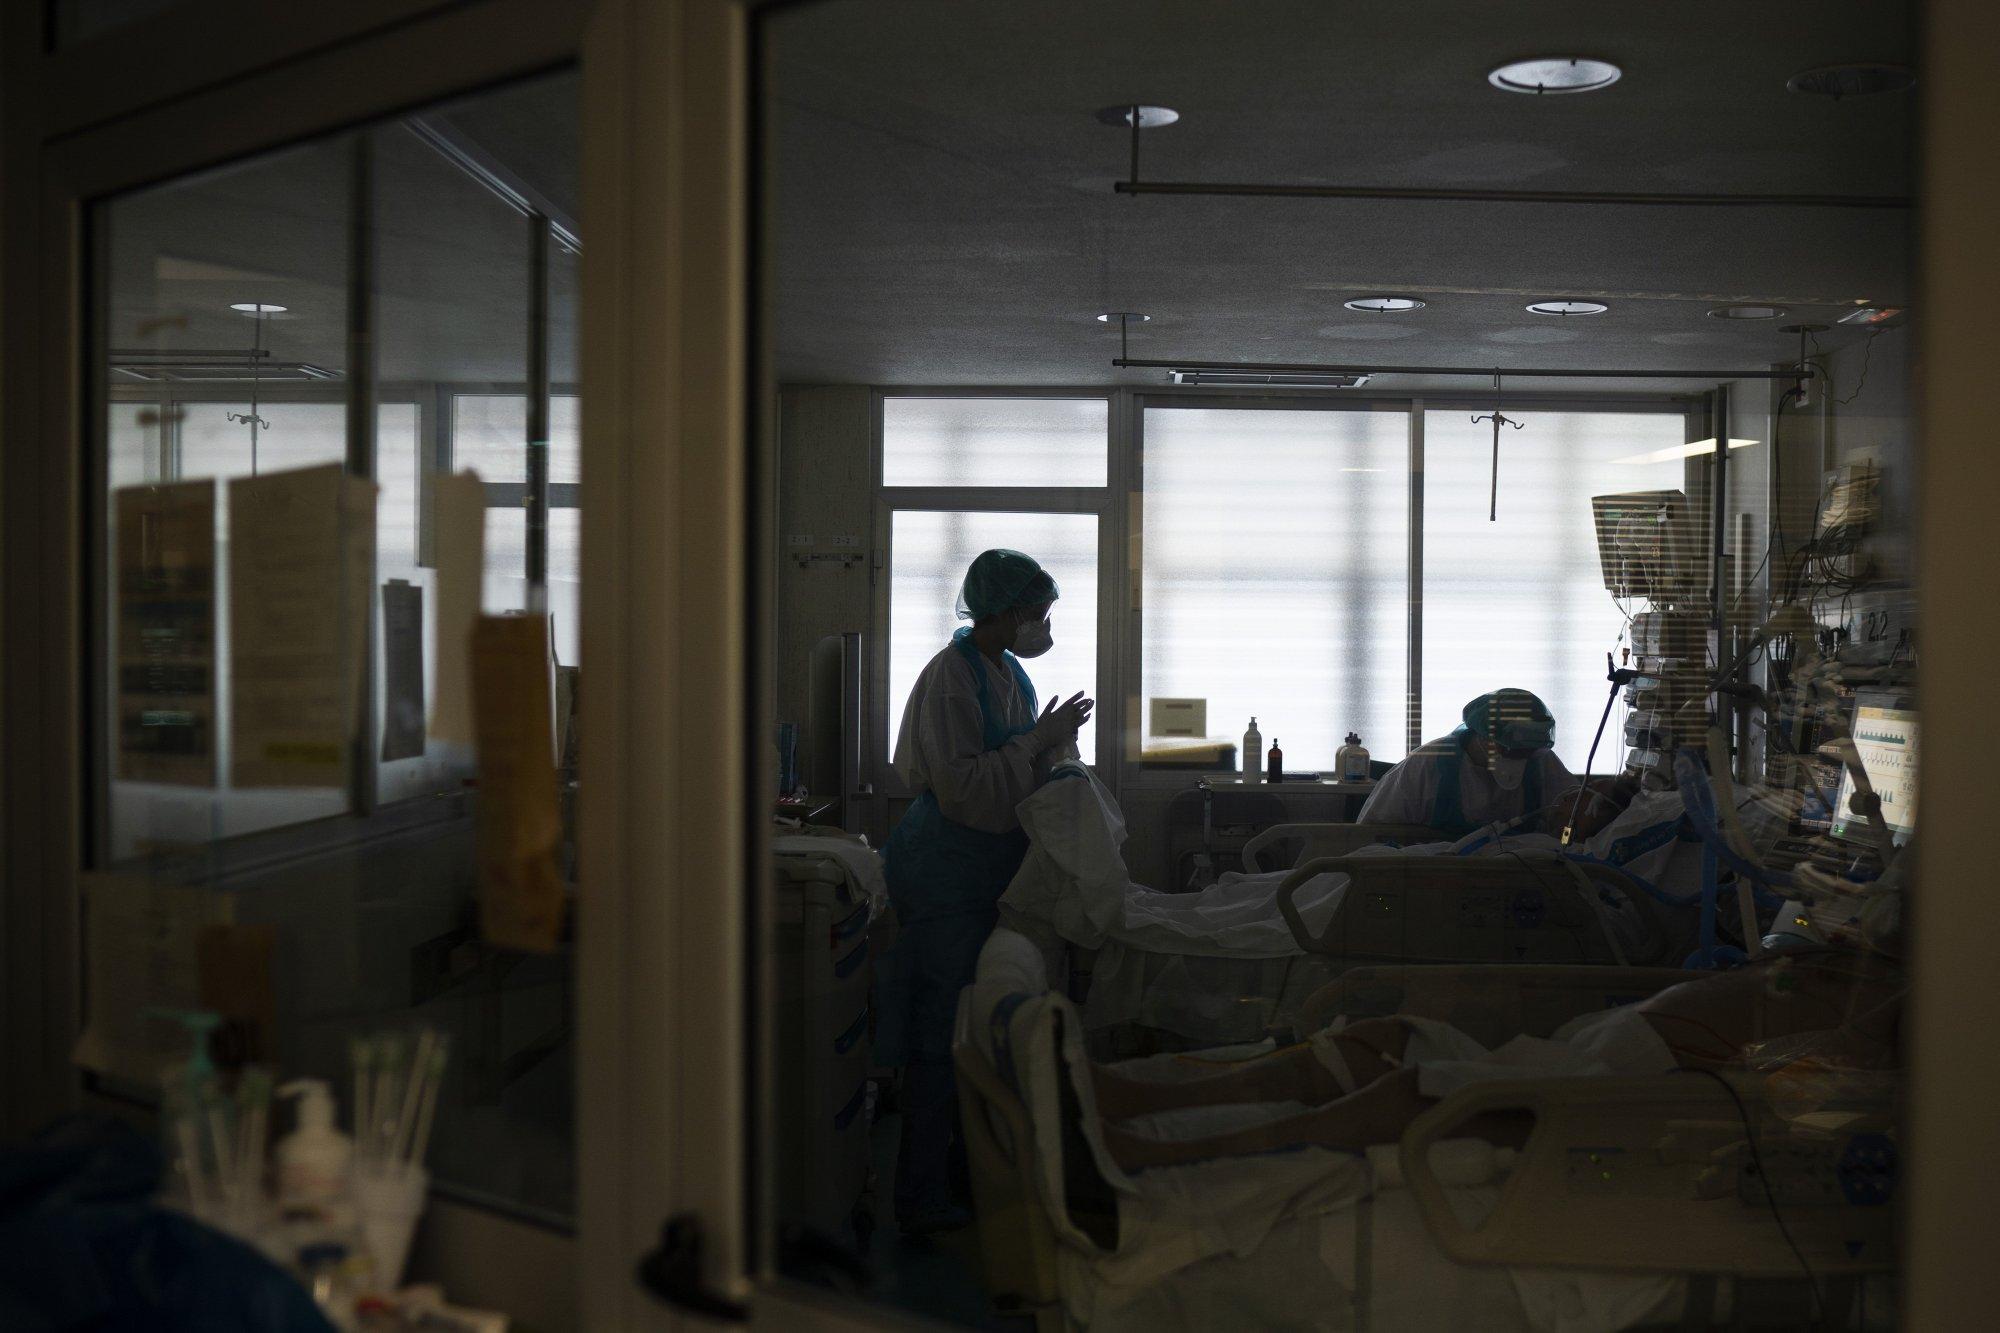 En la improvisada UCI funcionaba una biblioteca que fue readaptada con 20 camas para enfrentar la pandemia del coronavirus (AP Photo/Felipe Dana)